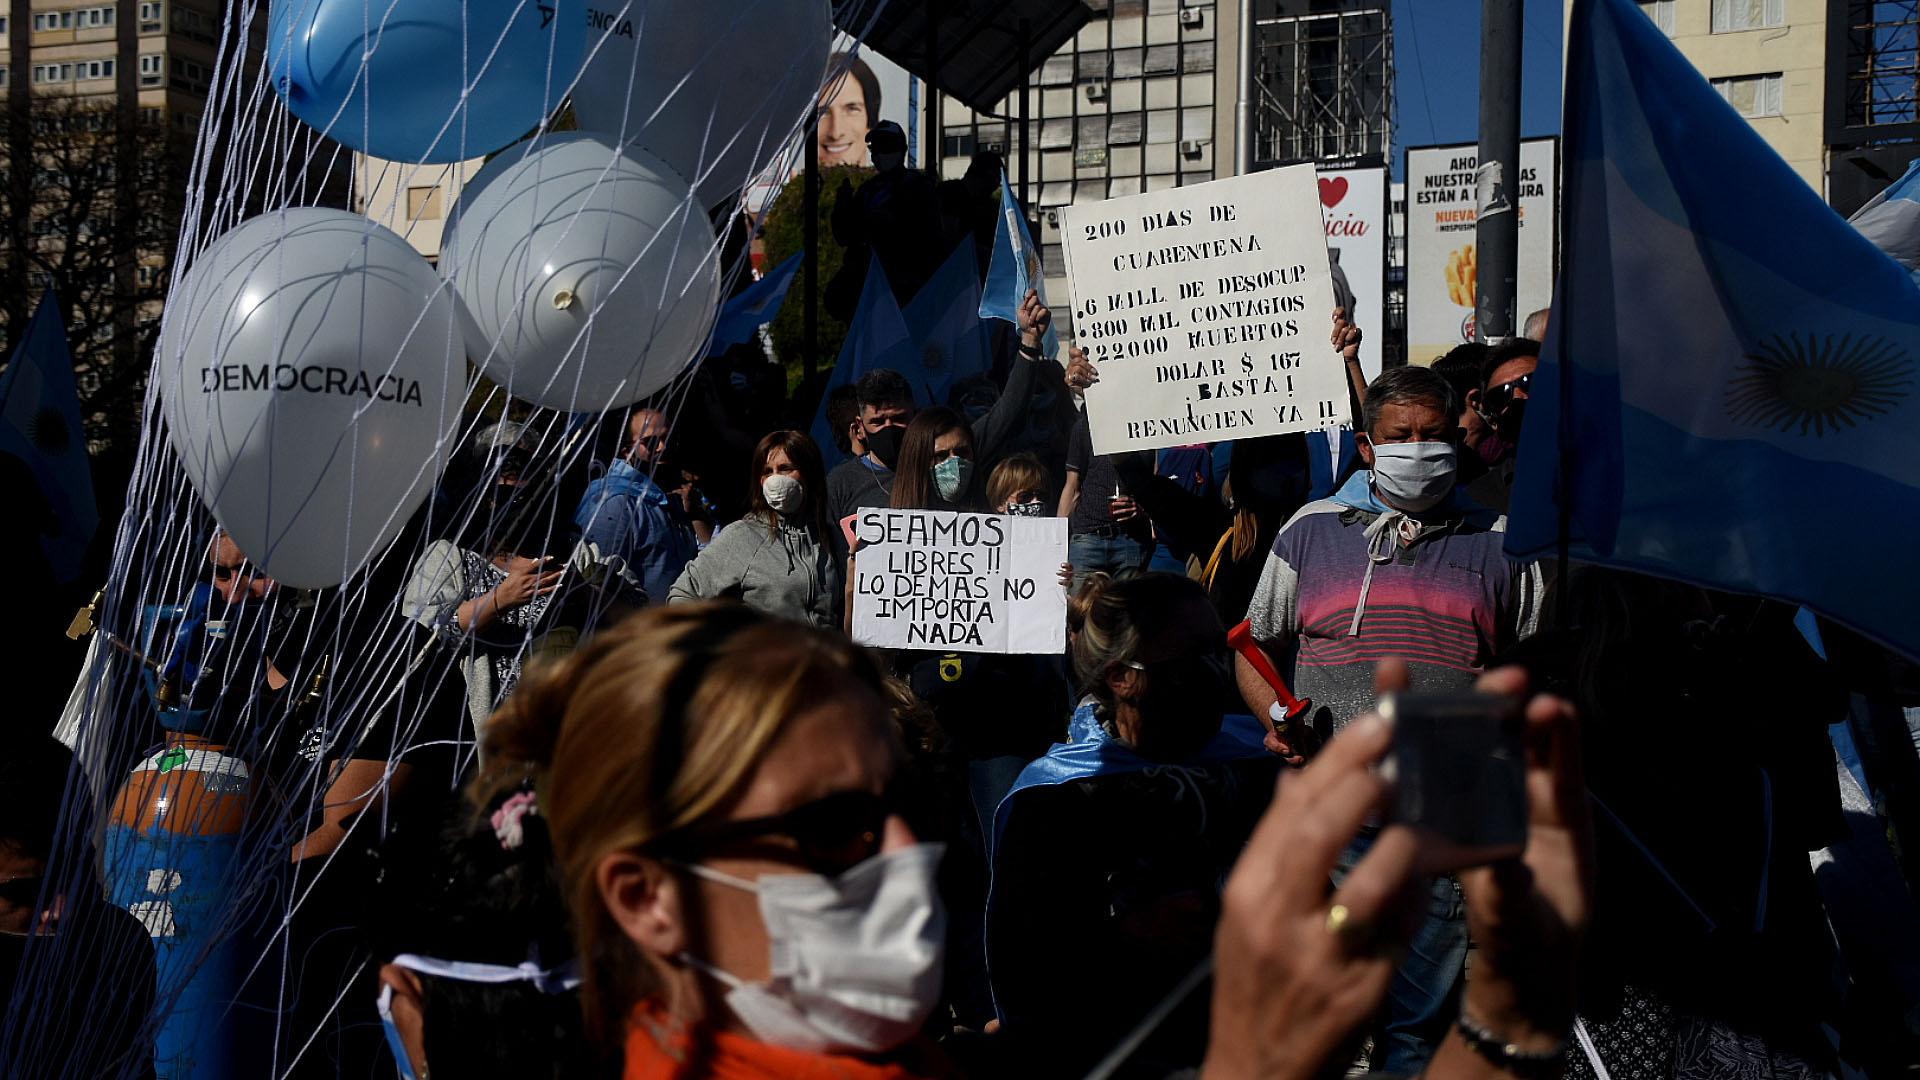 Muchos de los manifestantes protestaron contra la extensión de la cuarentena contra el coronavirus